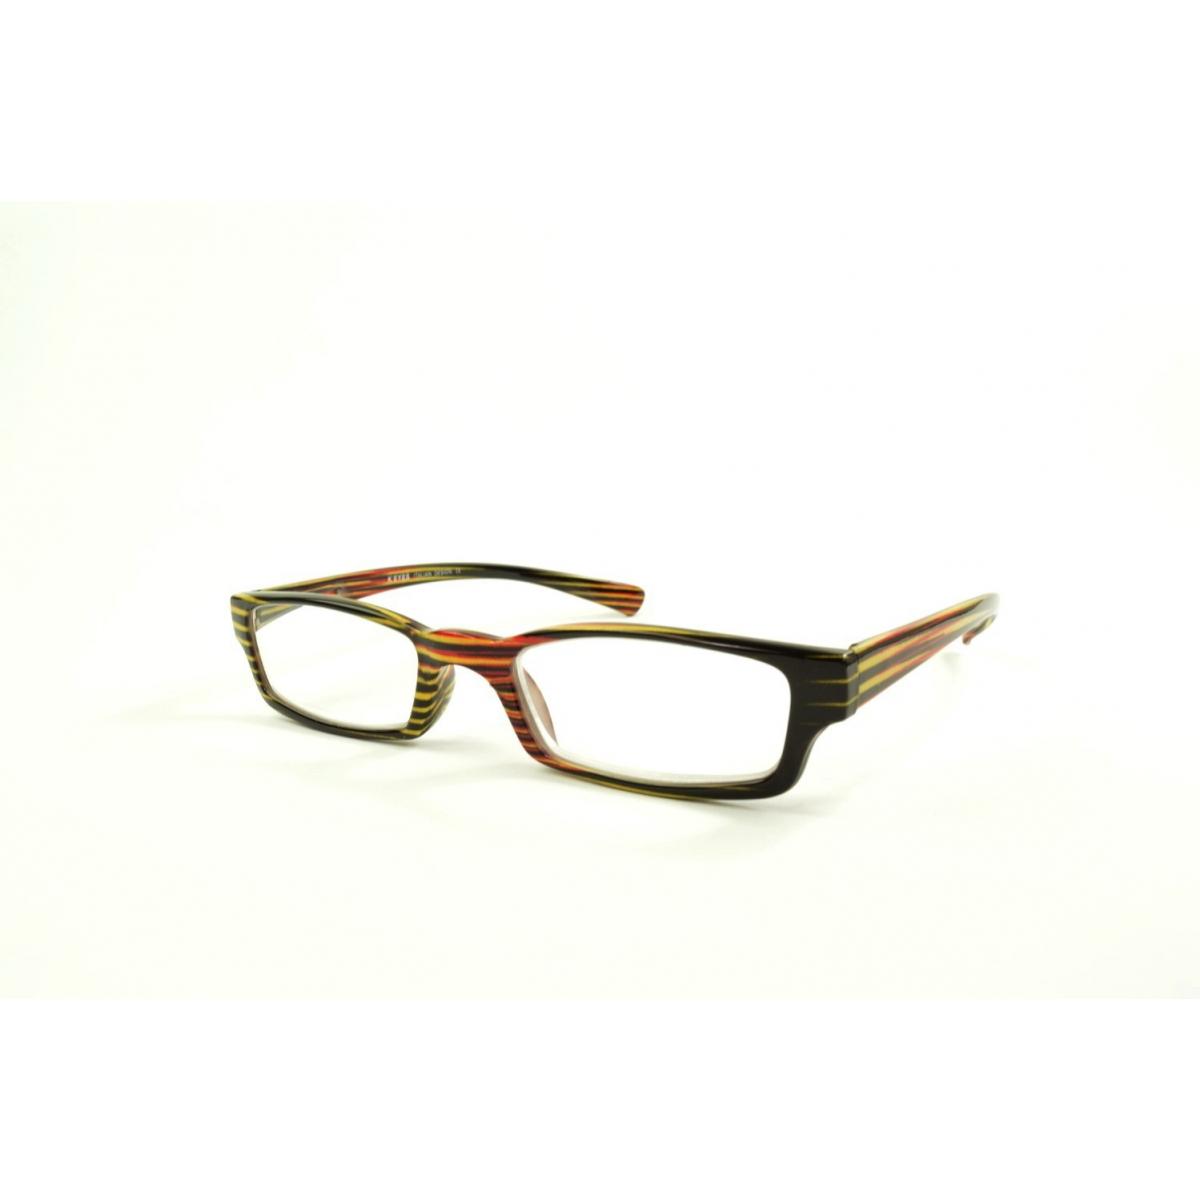 Gafas de lectura rectangulares con rayas de colores